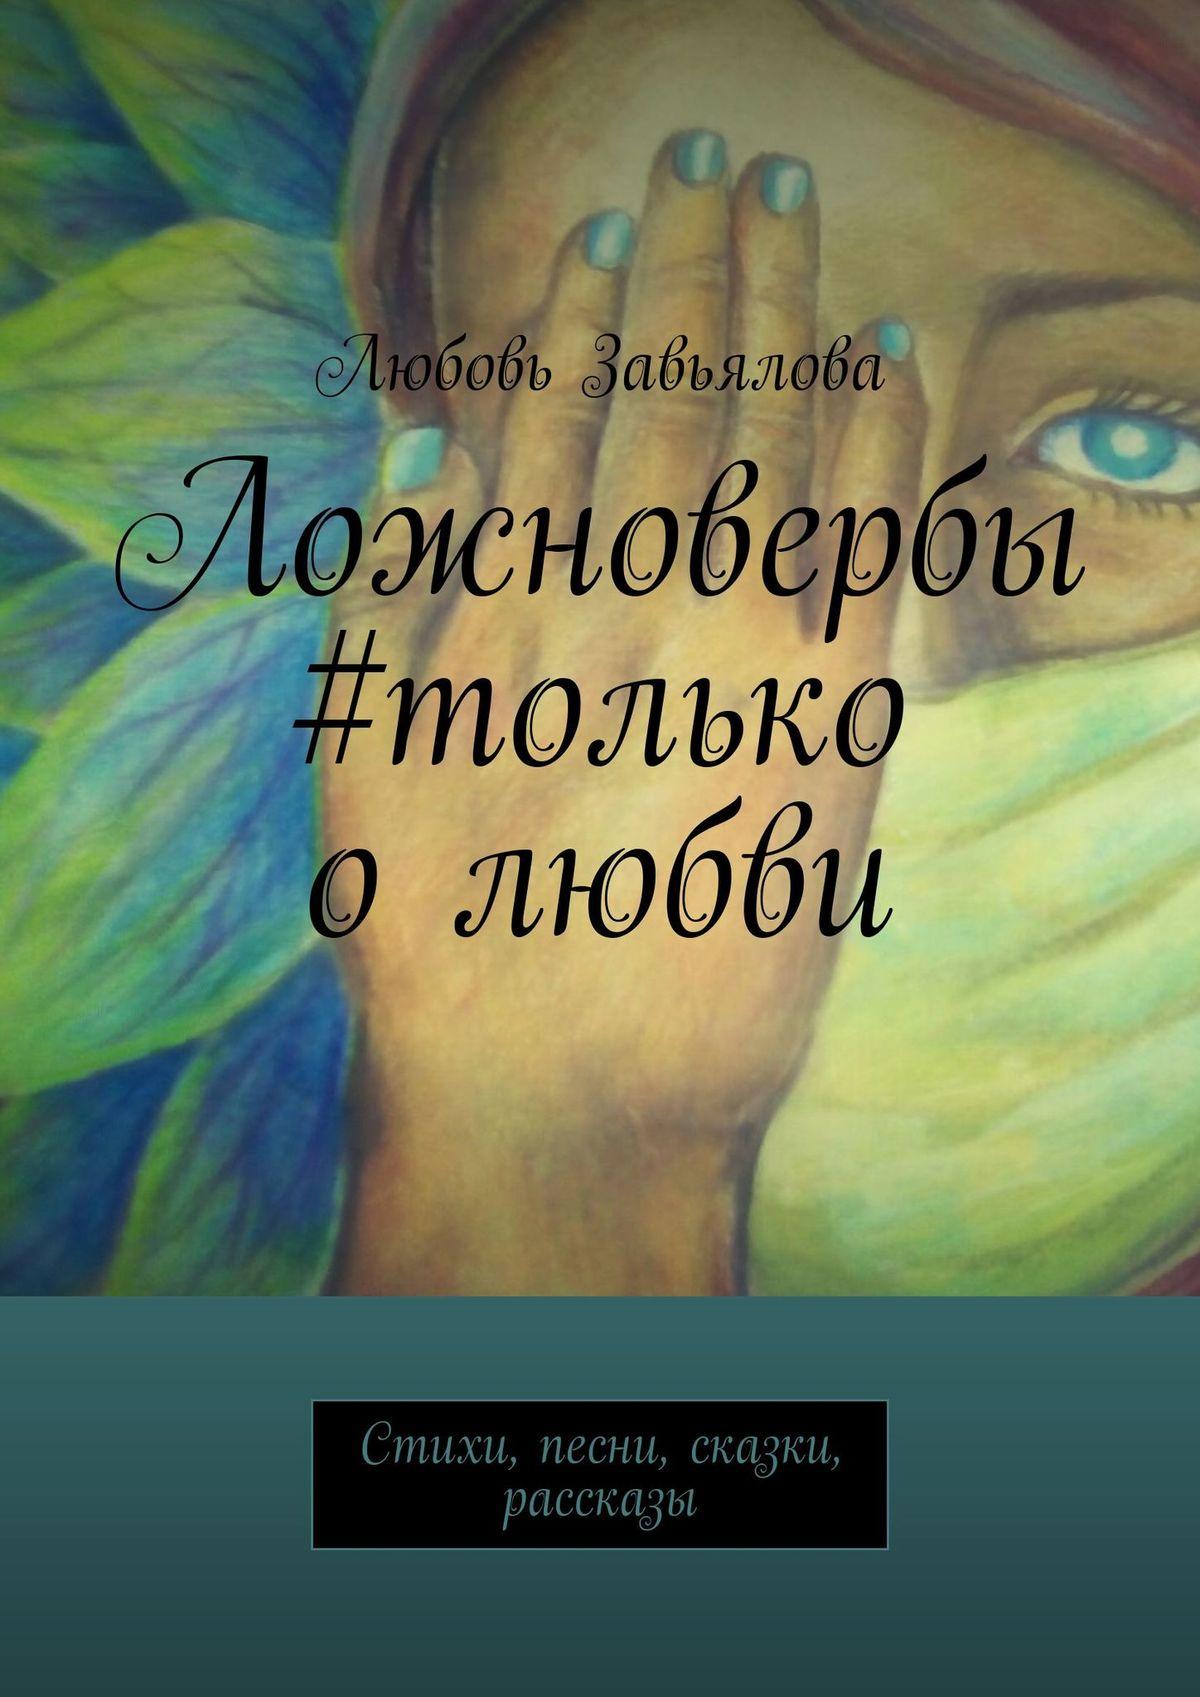 Любовь Завьялова Ложновербы #только олюбви. Песни, стихи, сказки, рассказы